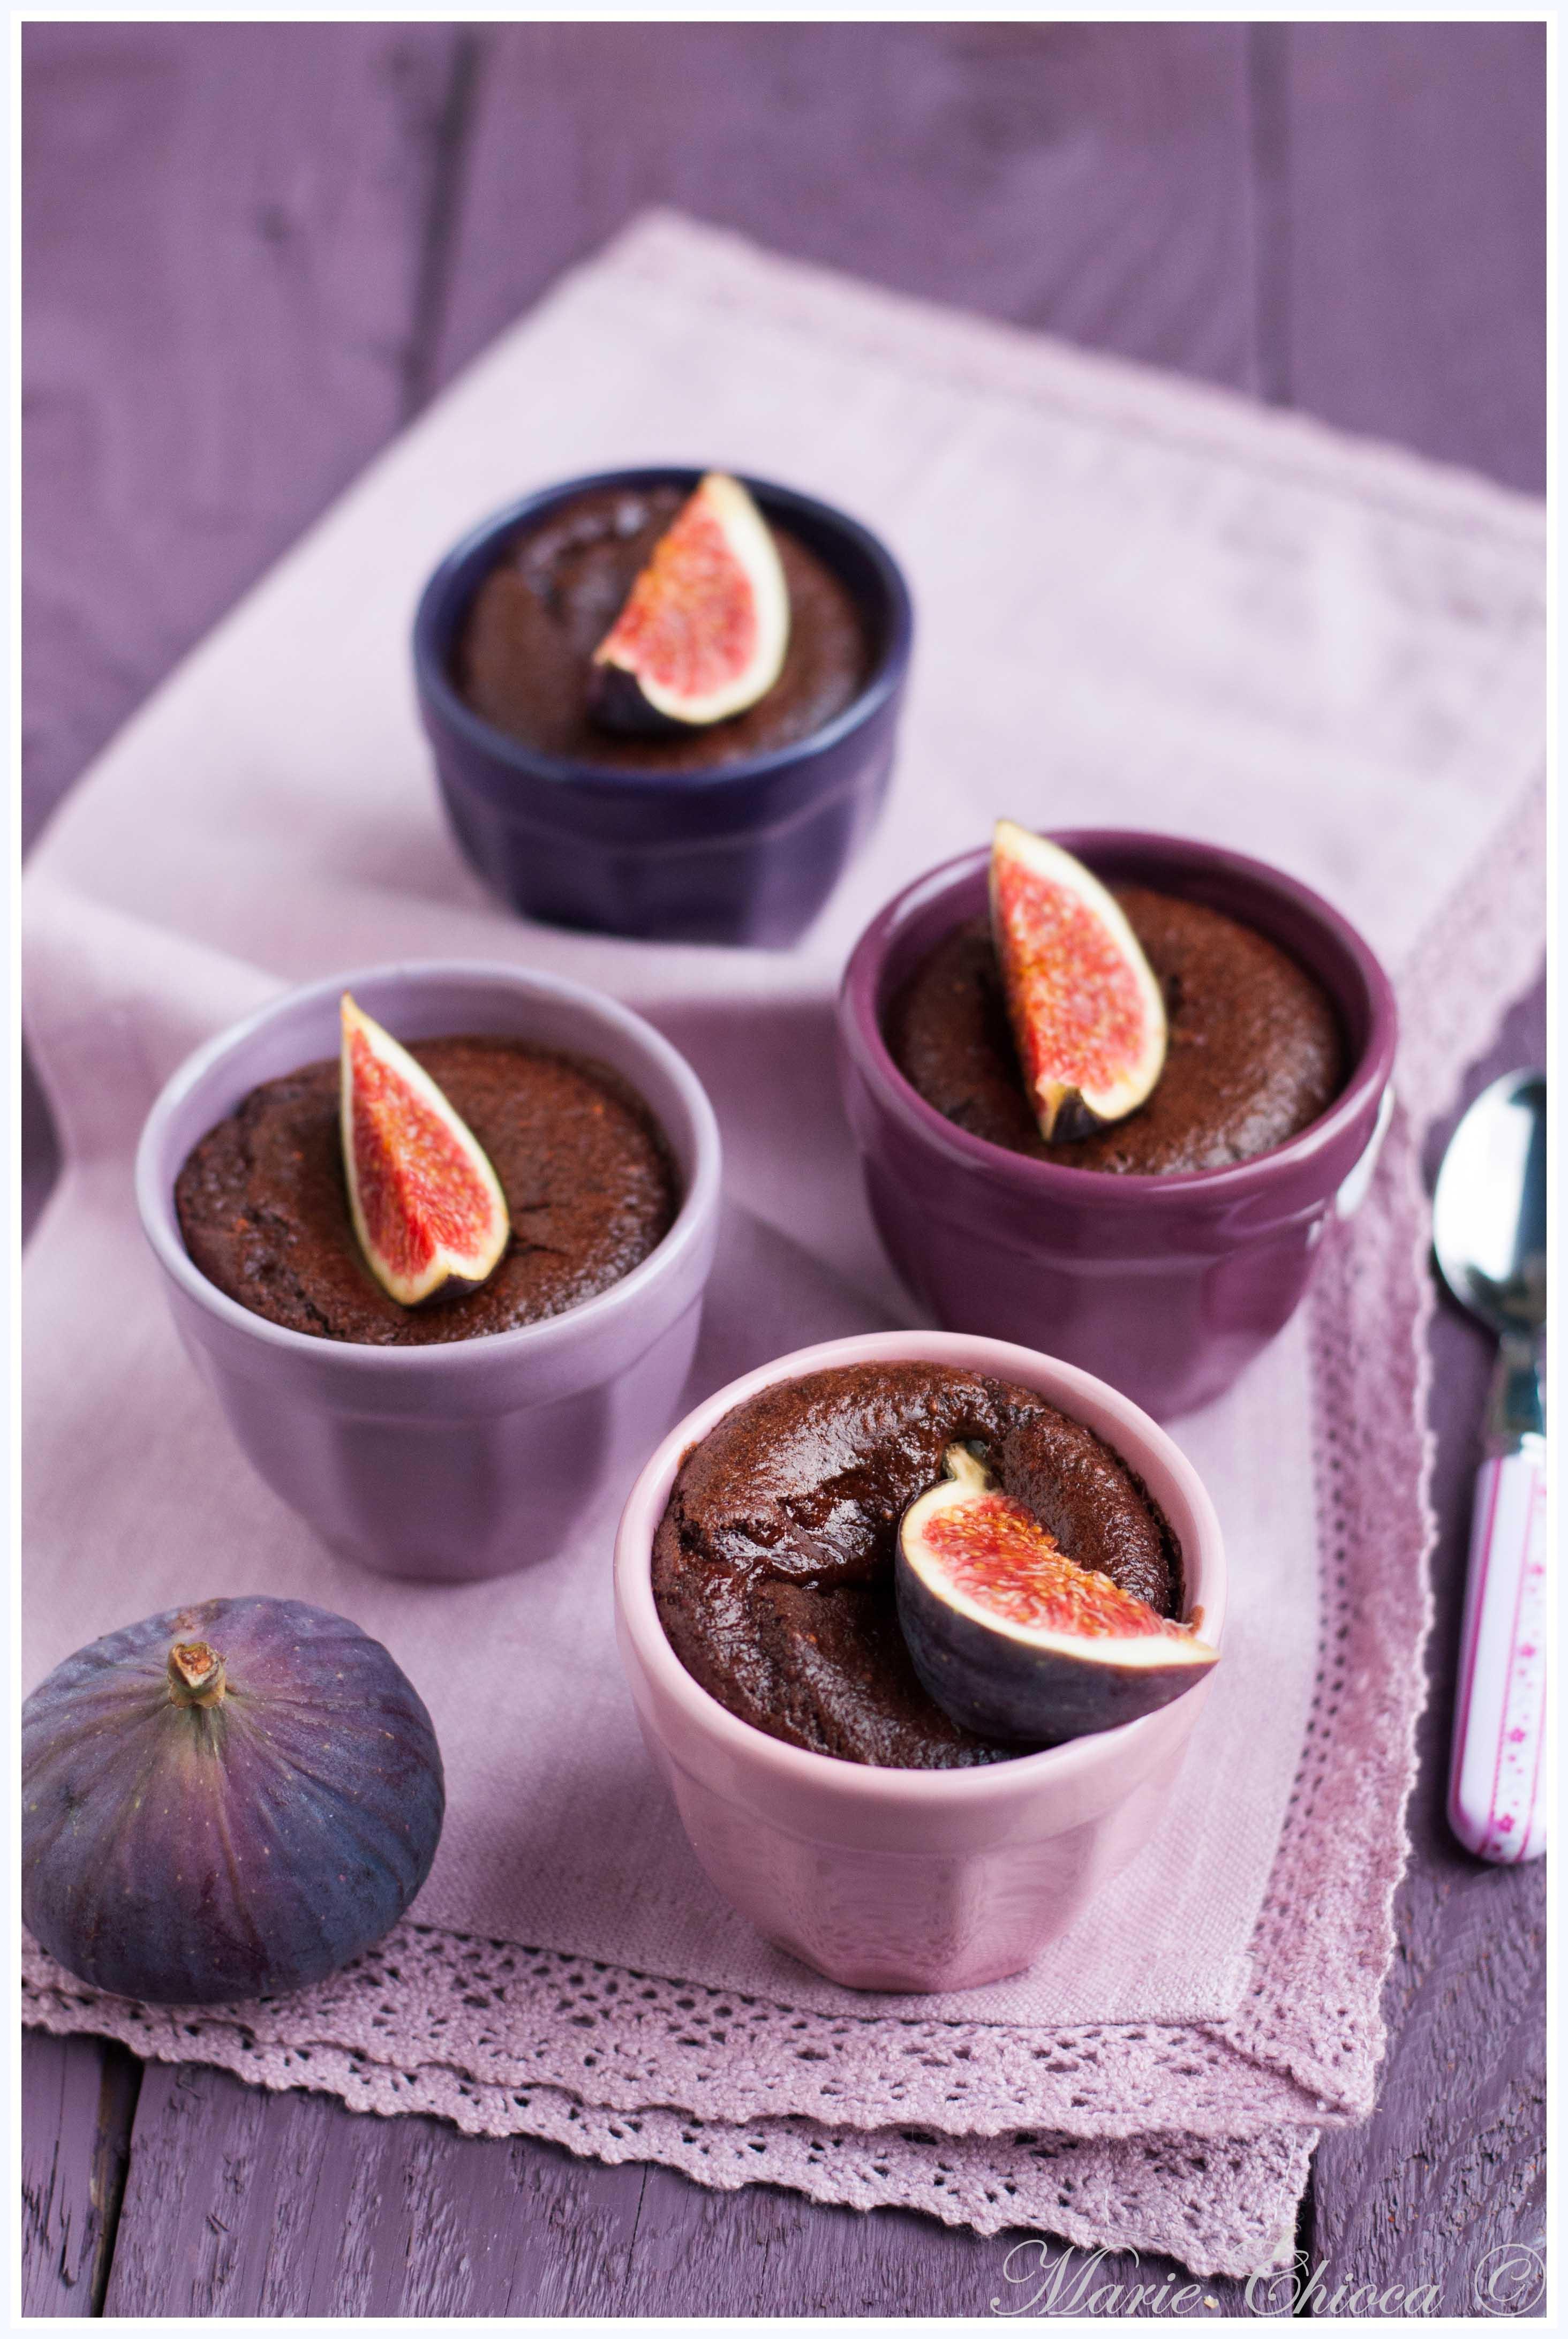 mi-cuits vanille et figues fraîches-2-2